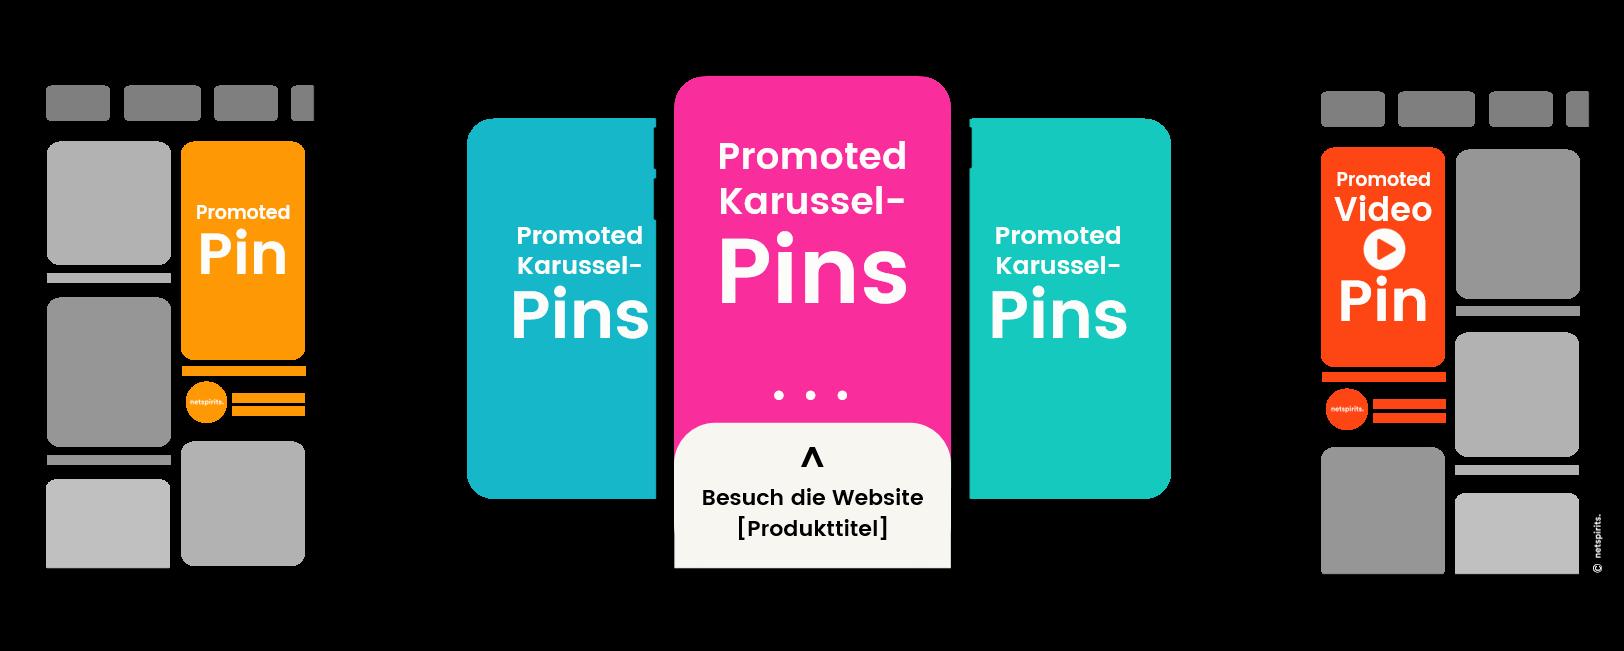 Übersicht Pinterest-Werbeformate